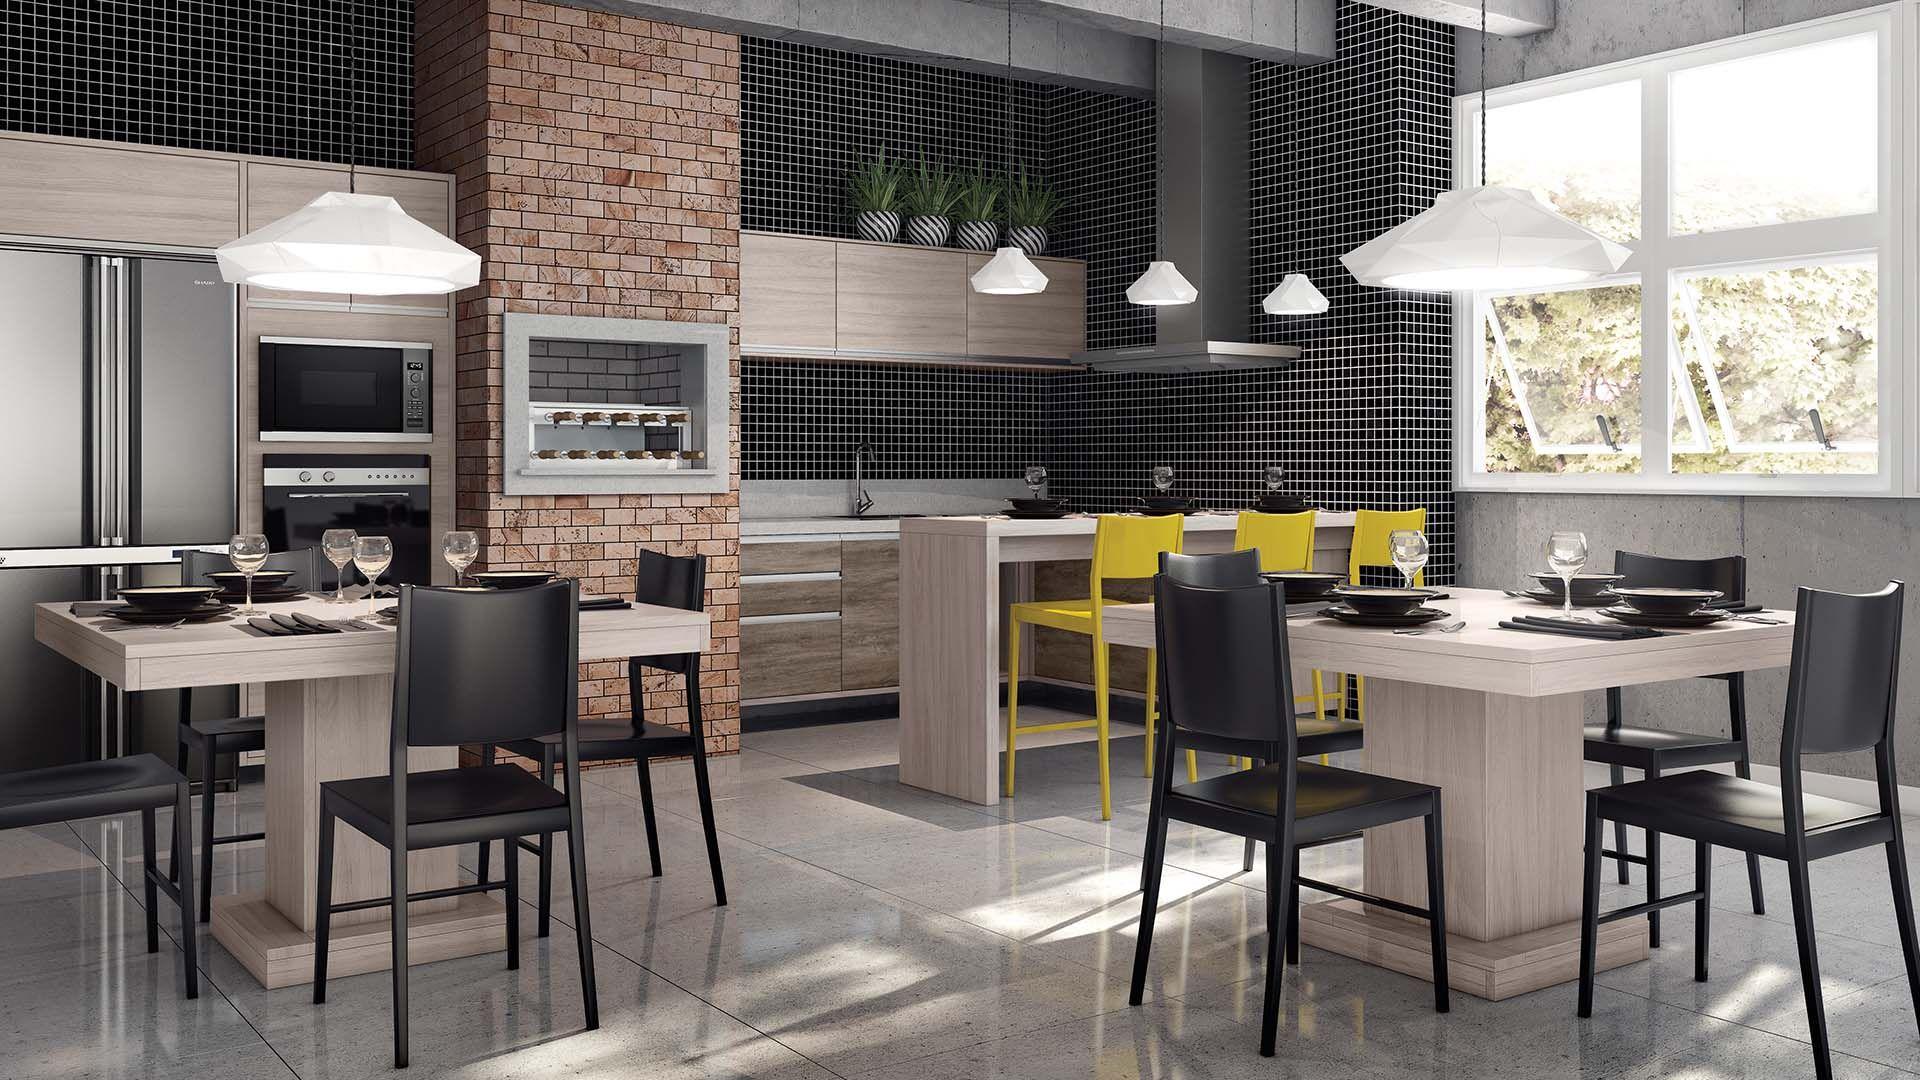 Cozinha Planejada com churrasqueira  cozinha  Pinterest # Cozinha Planejada Com Churrasqueira